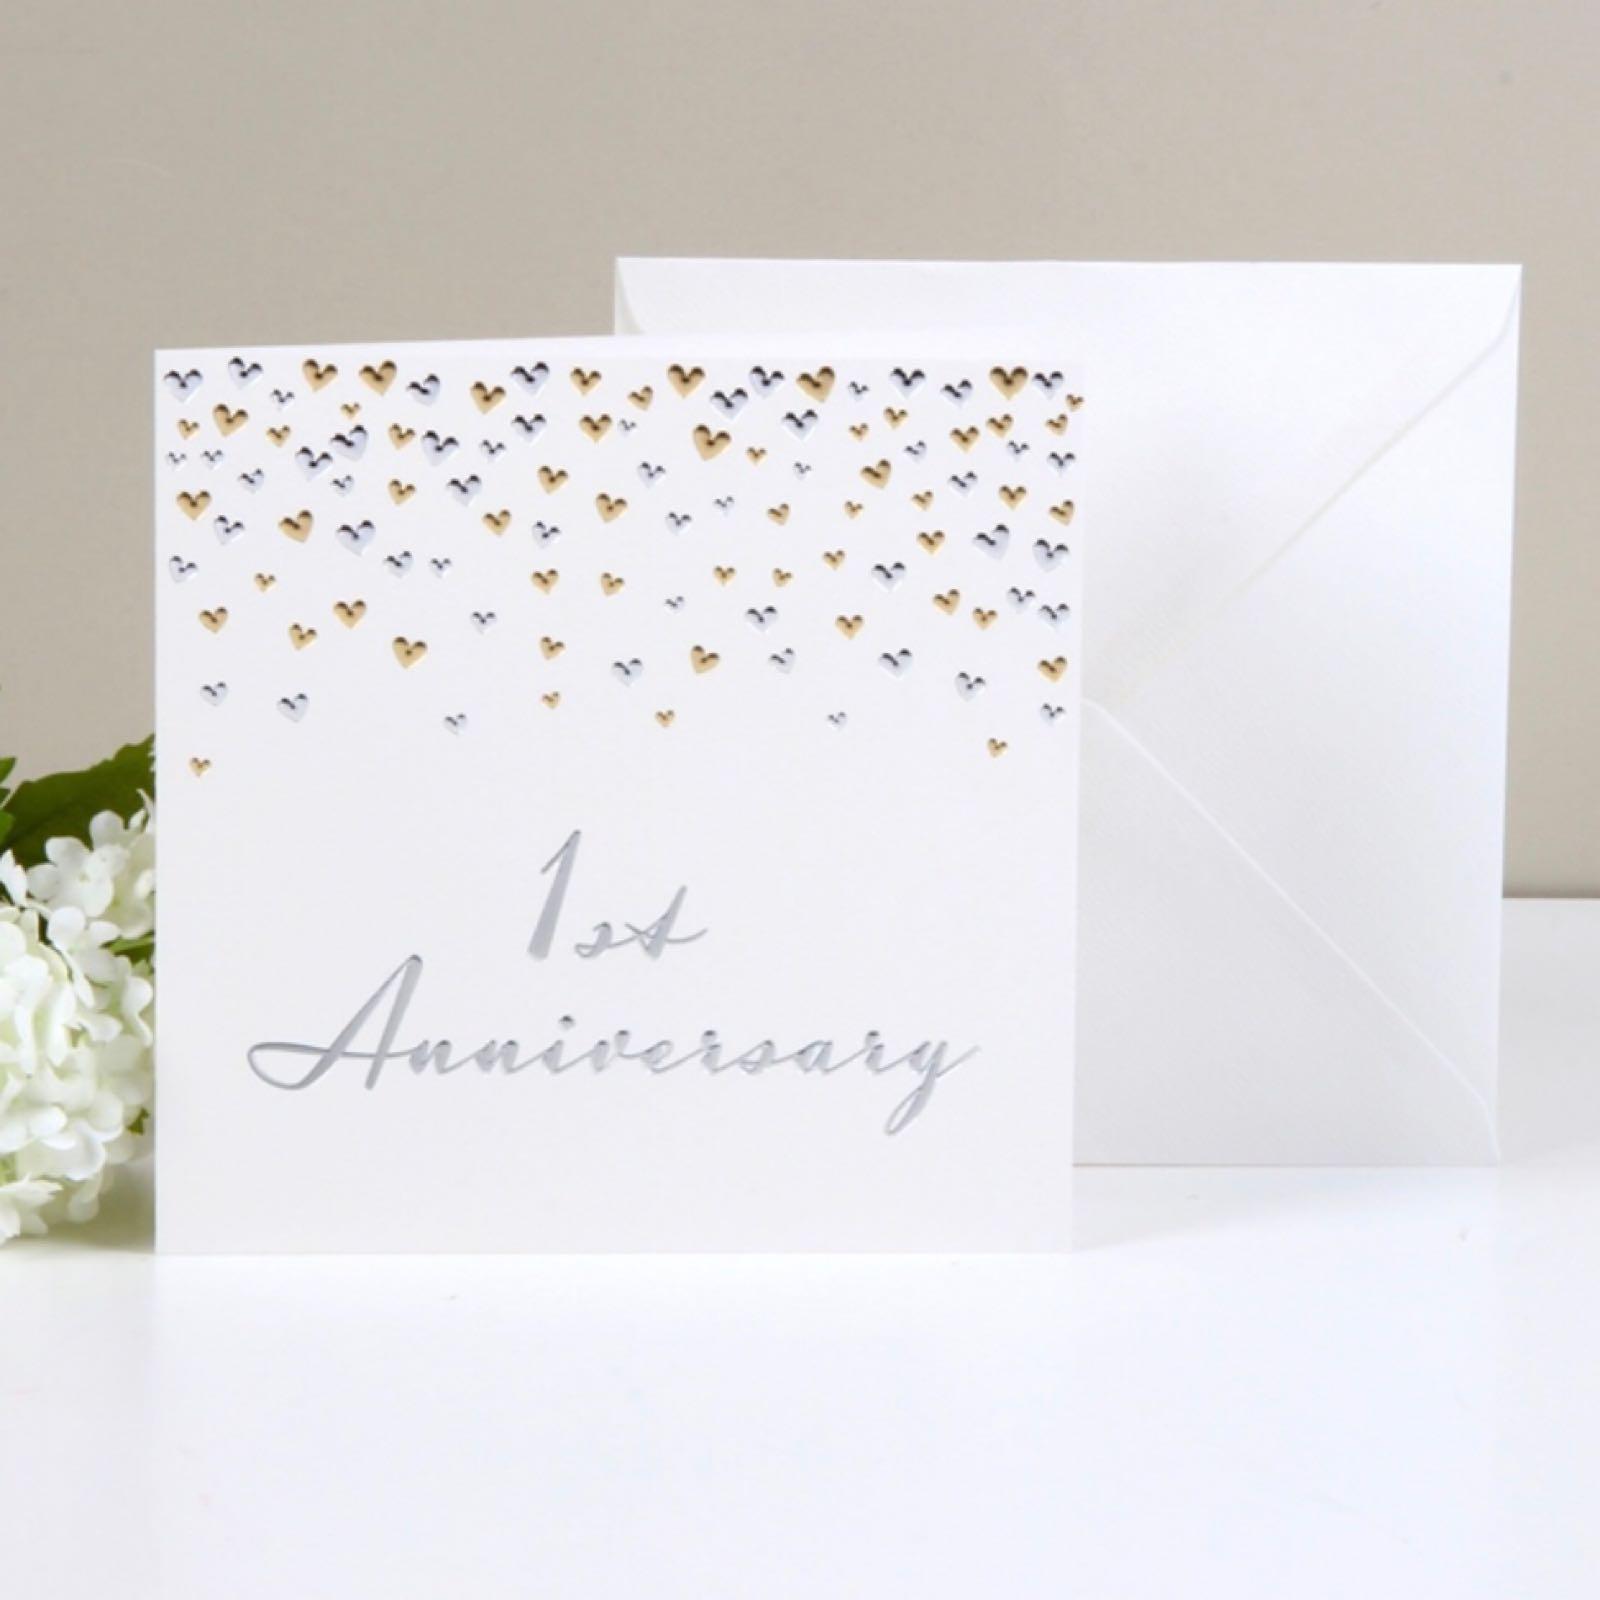 '1st Anniversary' Amoré Card